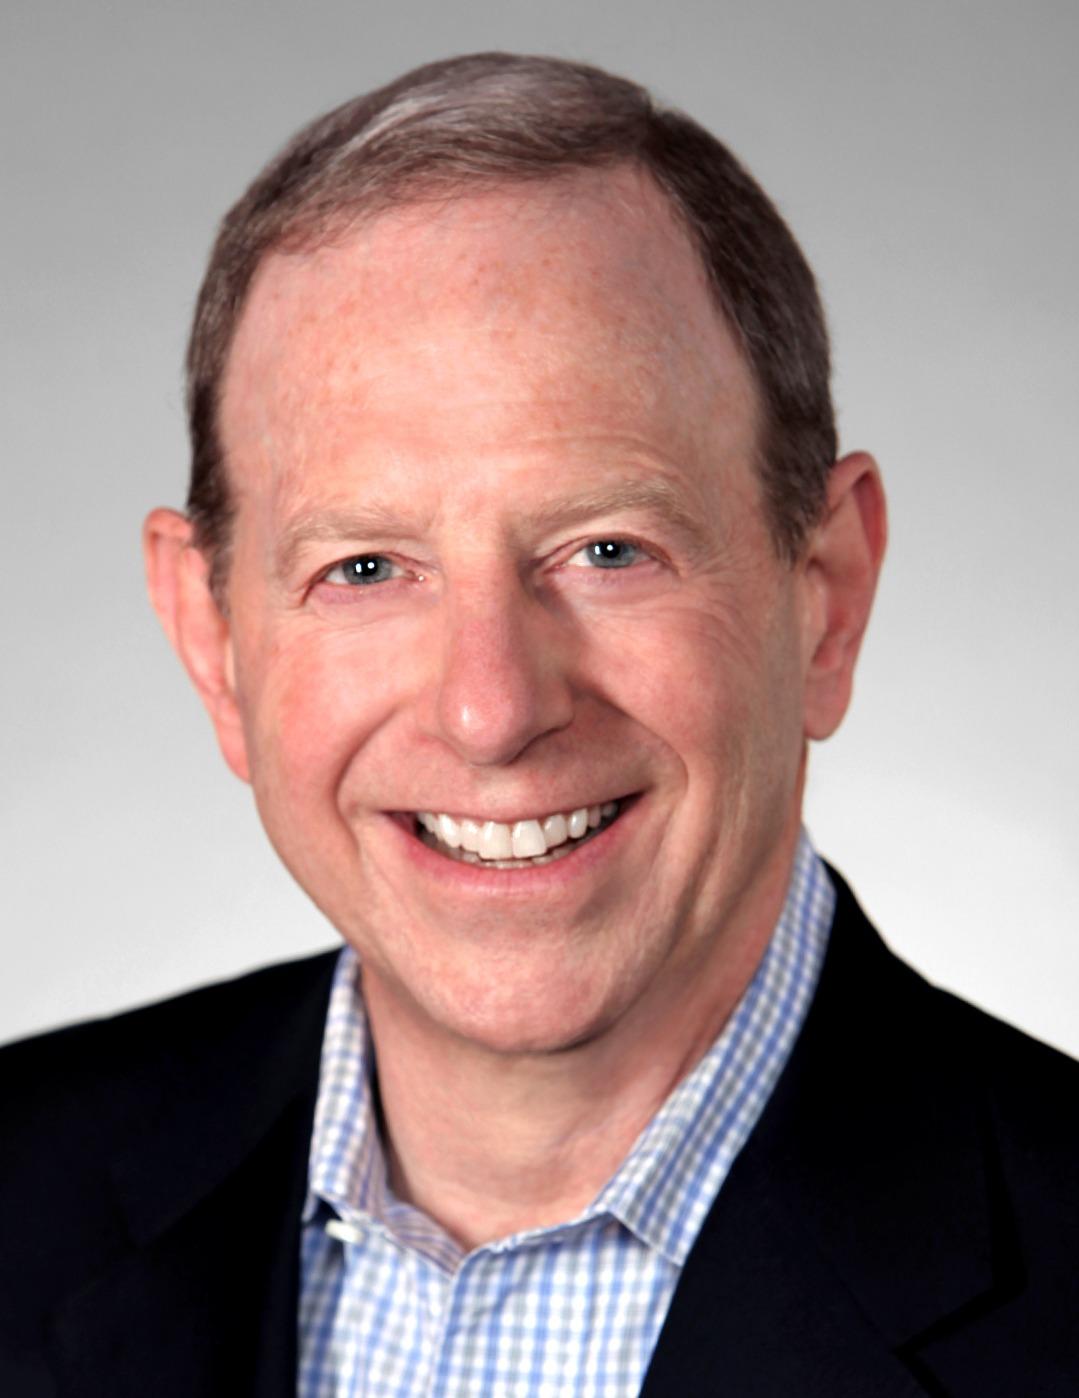 David J. Mazzo, PhD